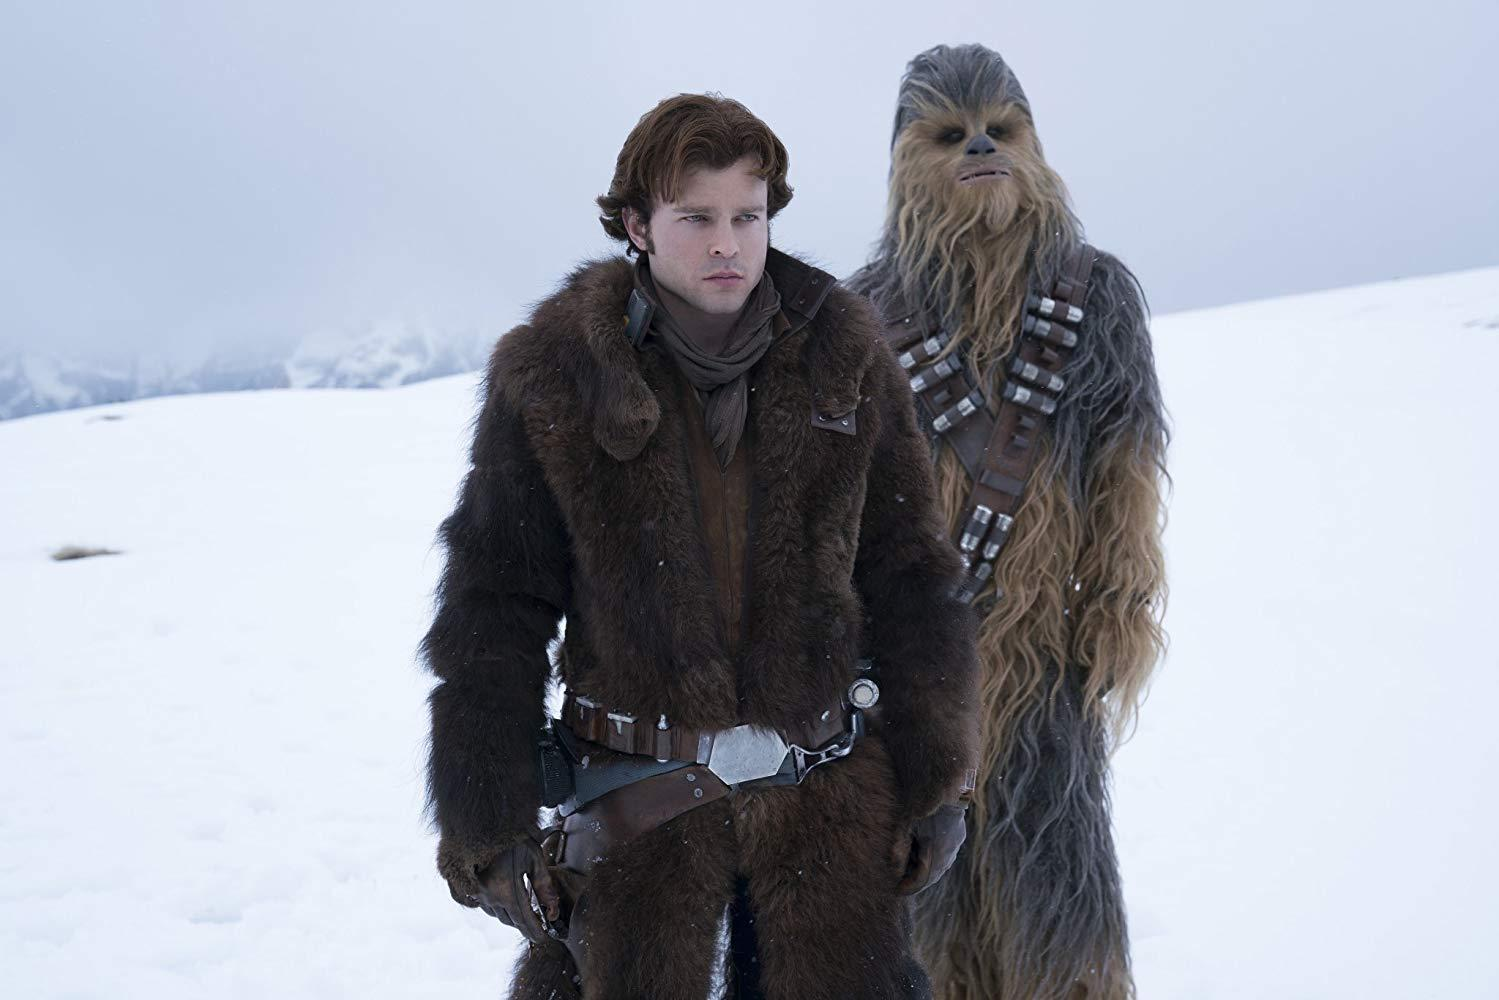 فيلم Solo: A Star Wars Story 2018 مترجم